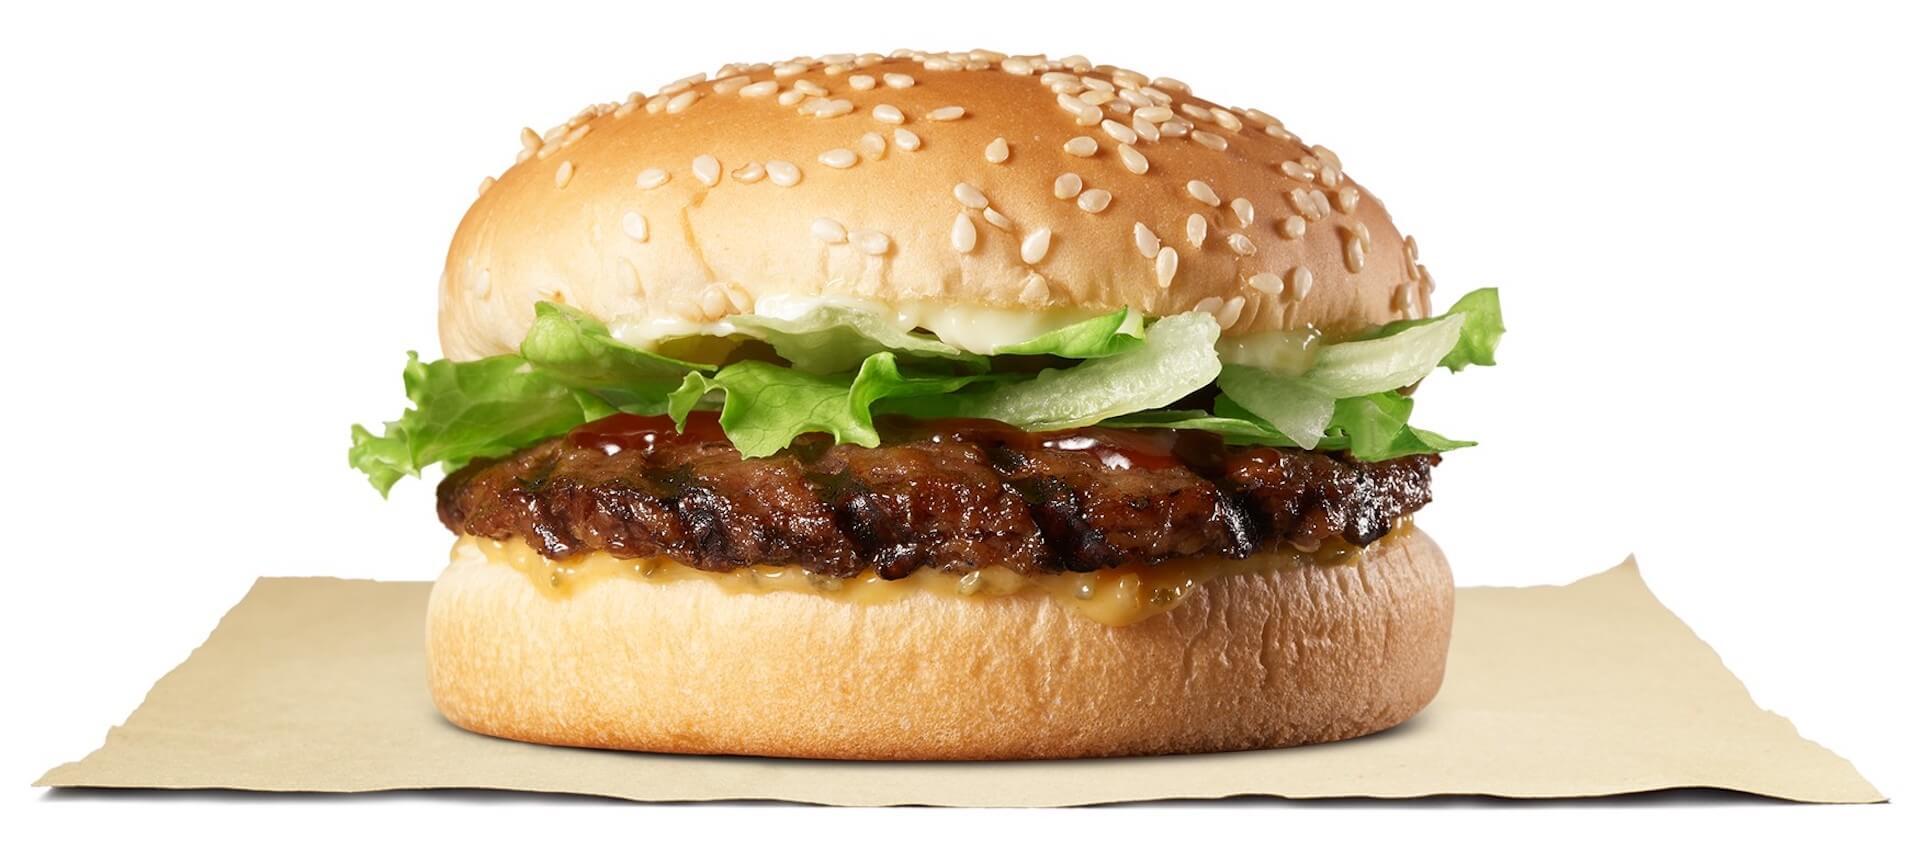 セットで550円!ダブルソースのテリヤキバーガーX、Y、Zがバーガーキング(R)から2週間限定で新発売 gourmet200703_burgerking_teriyakixyz_05